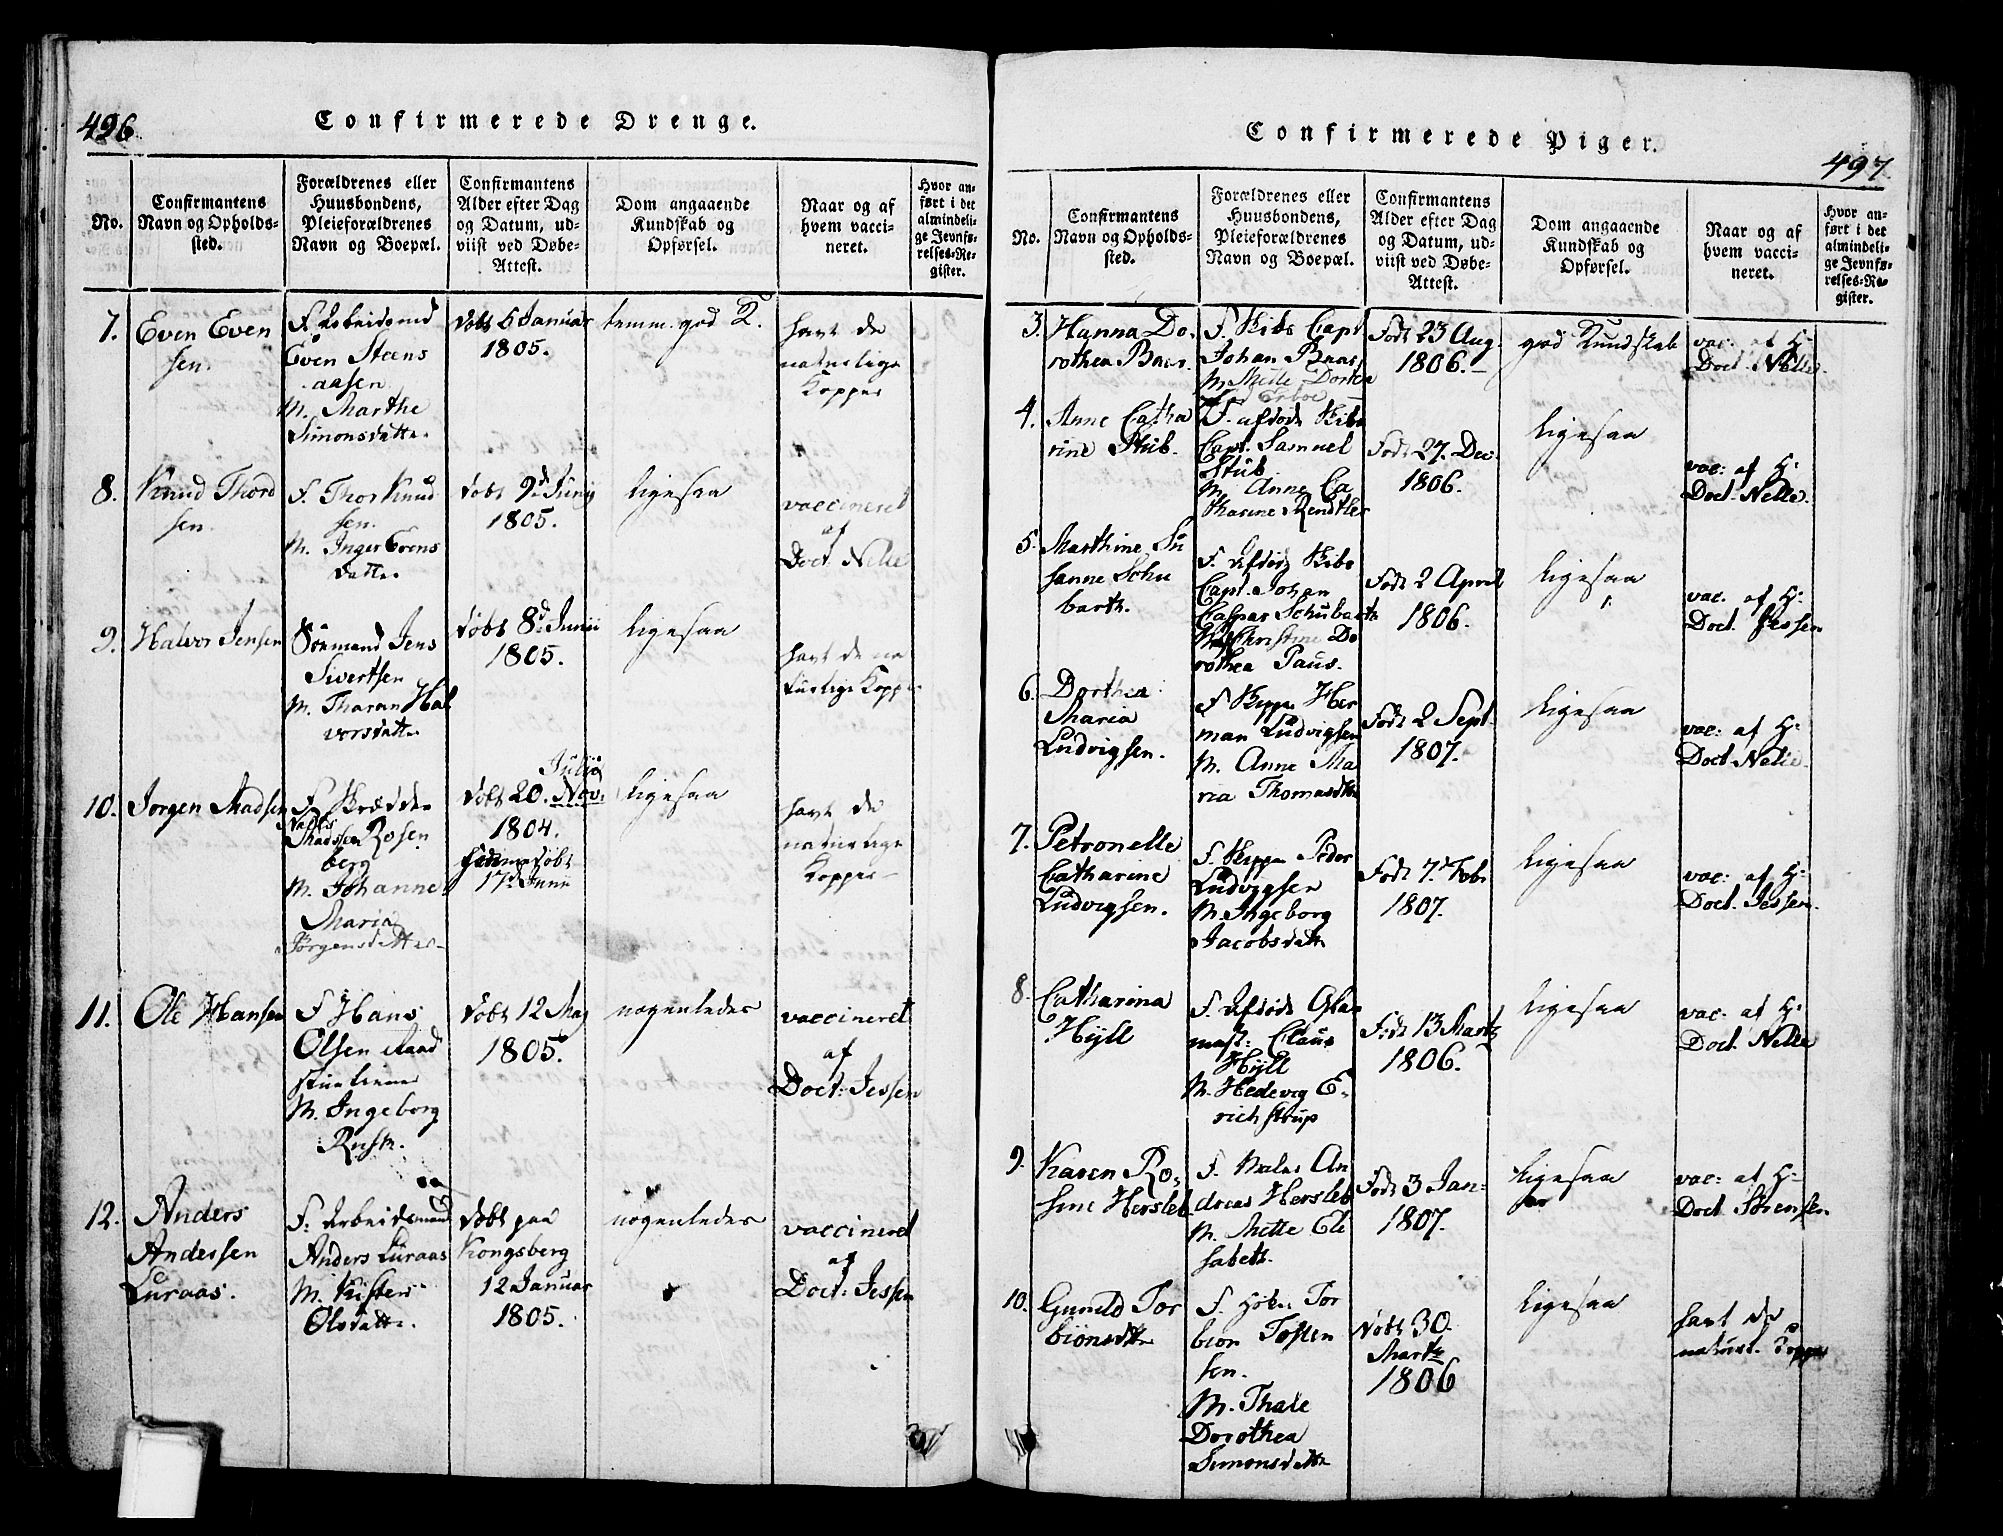 SAKO, Skien kirkebøker, G/Ga/L0002: Klokkerbok nr. 2, 1814-1842, s. 496-497